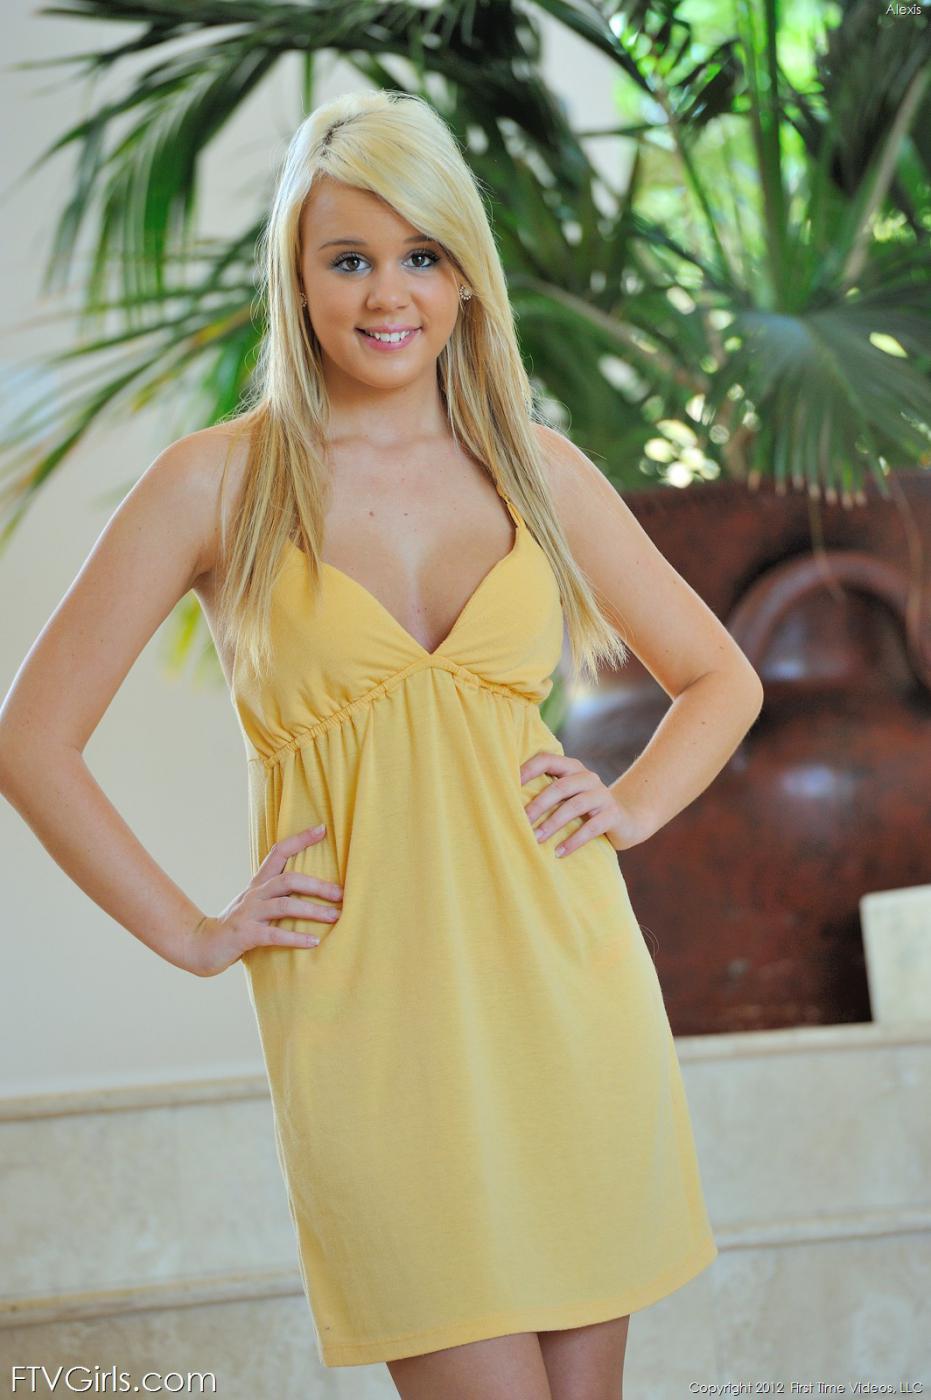 Игривая блондинка Alexis Adams улыбается перед камерой, показывая голую грудь